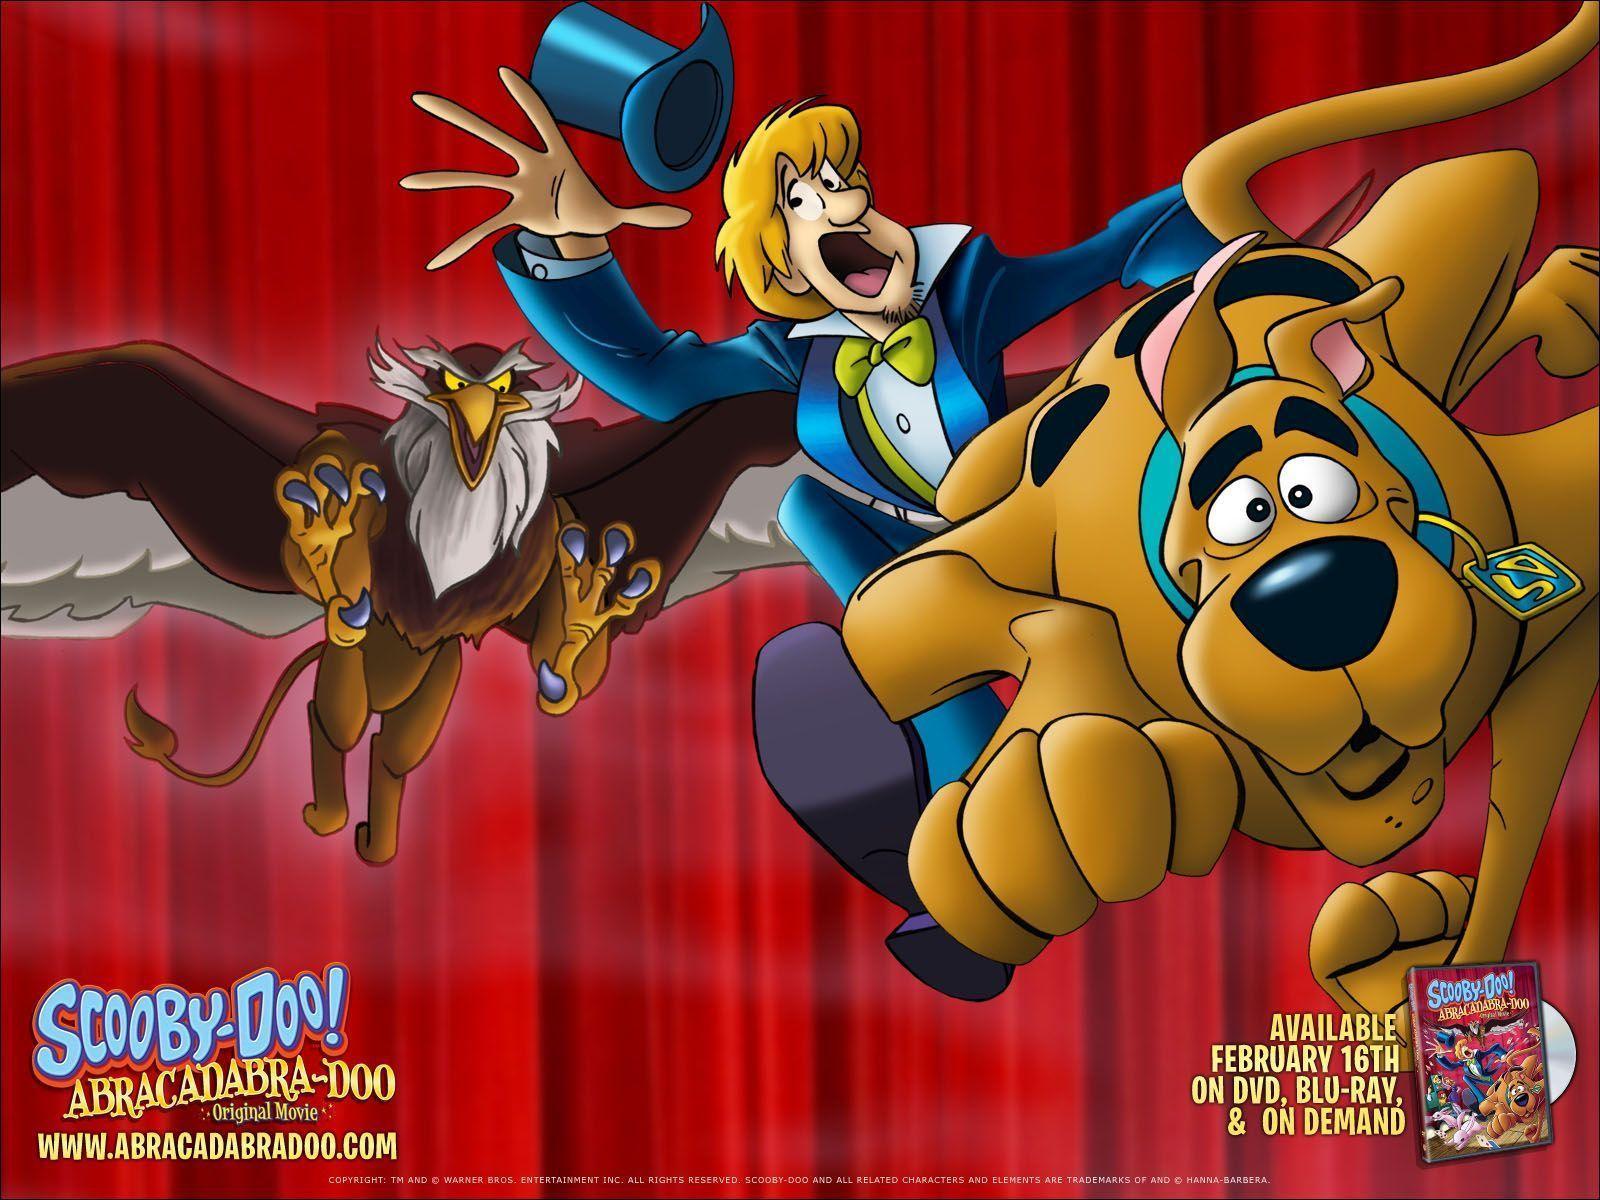 Scooby doo wallpapers wallpaper cave - De scooby doo ...